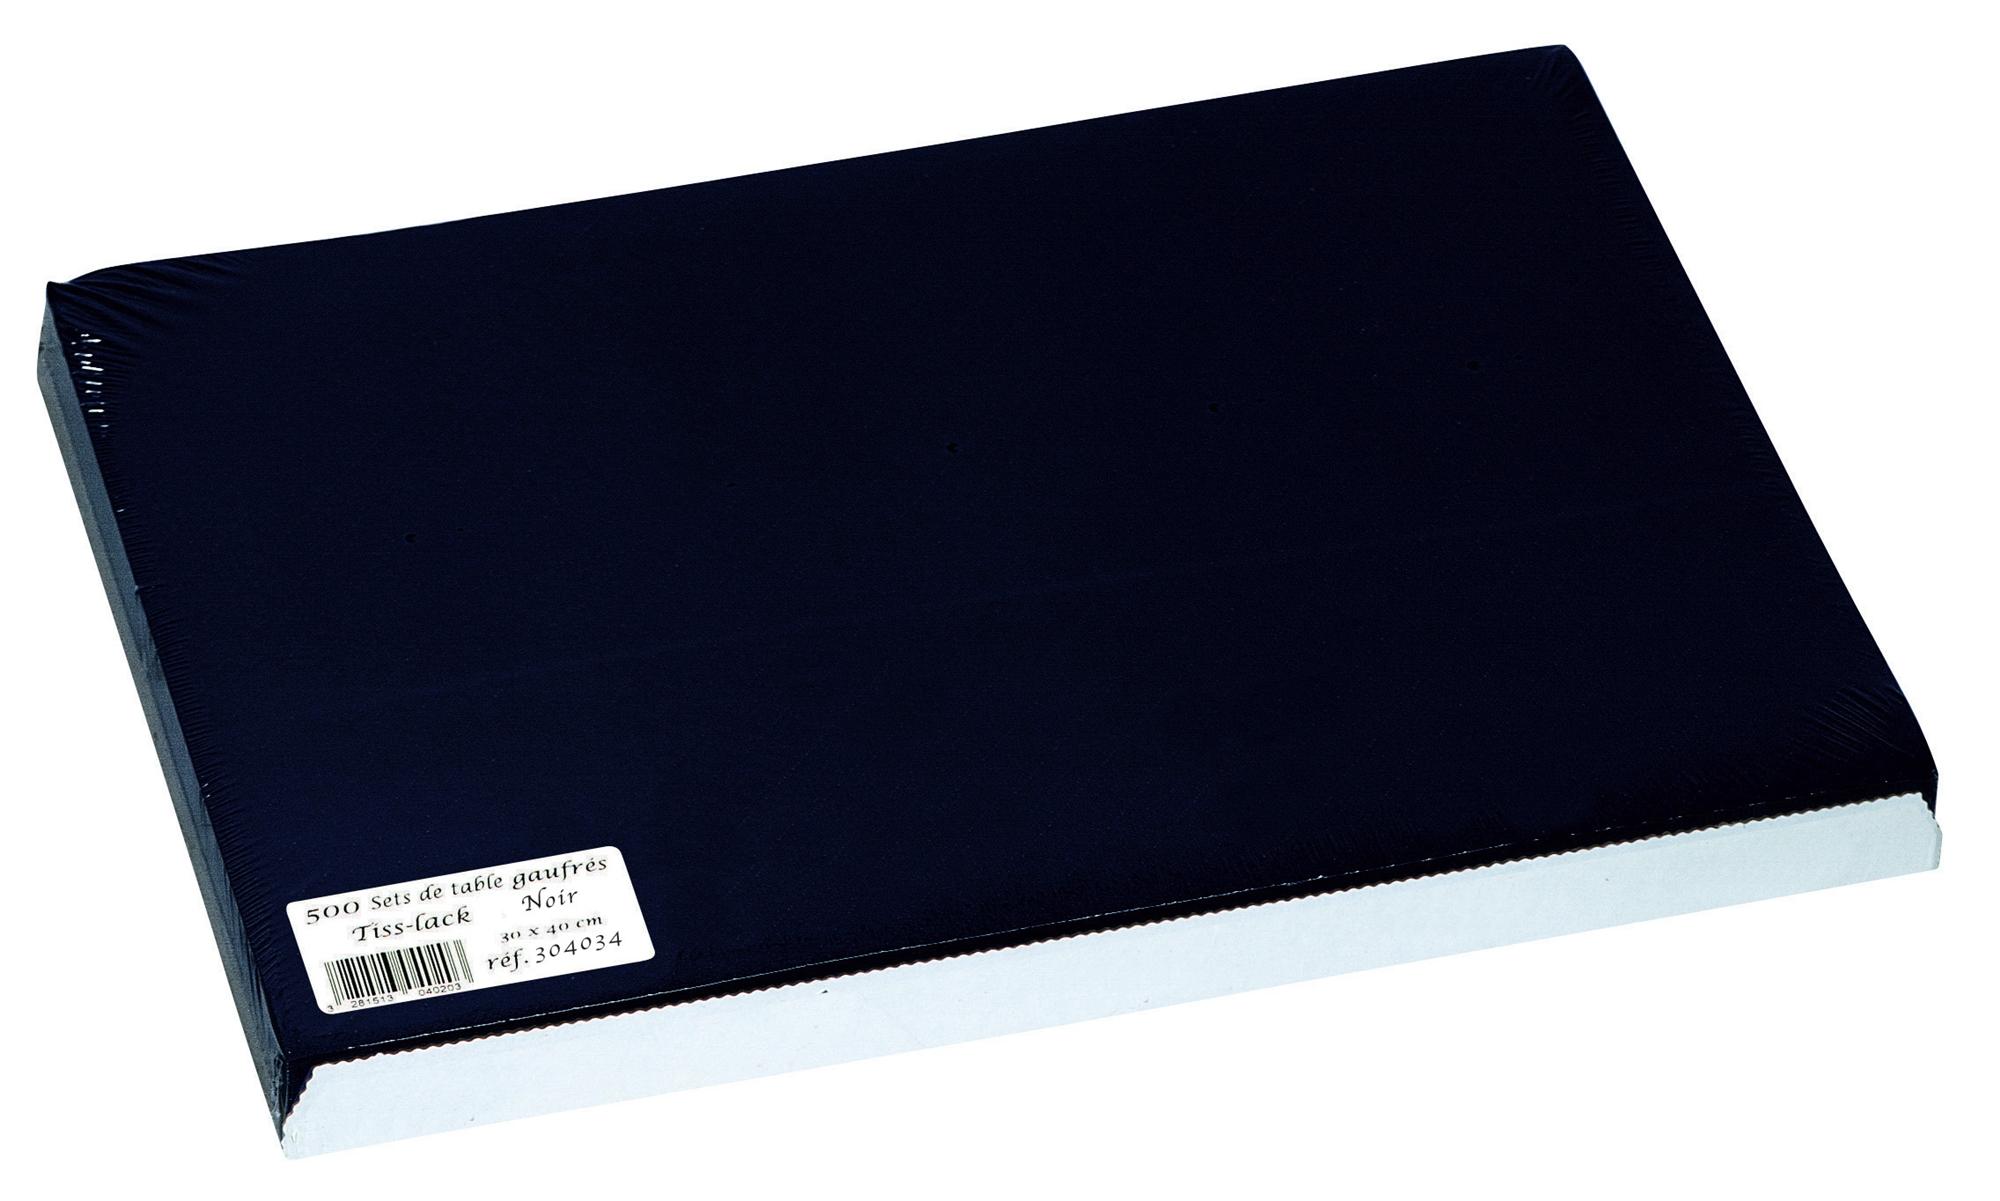 Set de table papier 30 x 40 noir paquet de 500 - Set de table noir ...